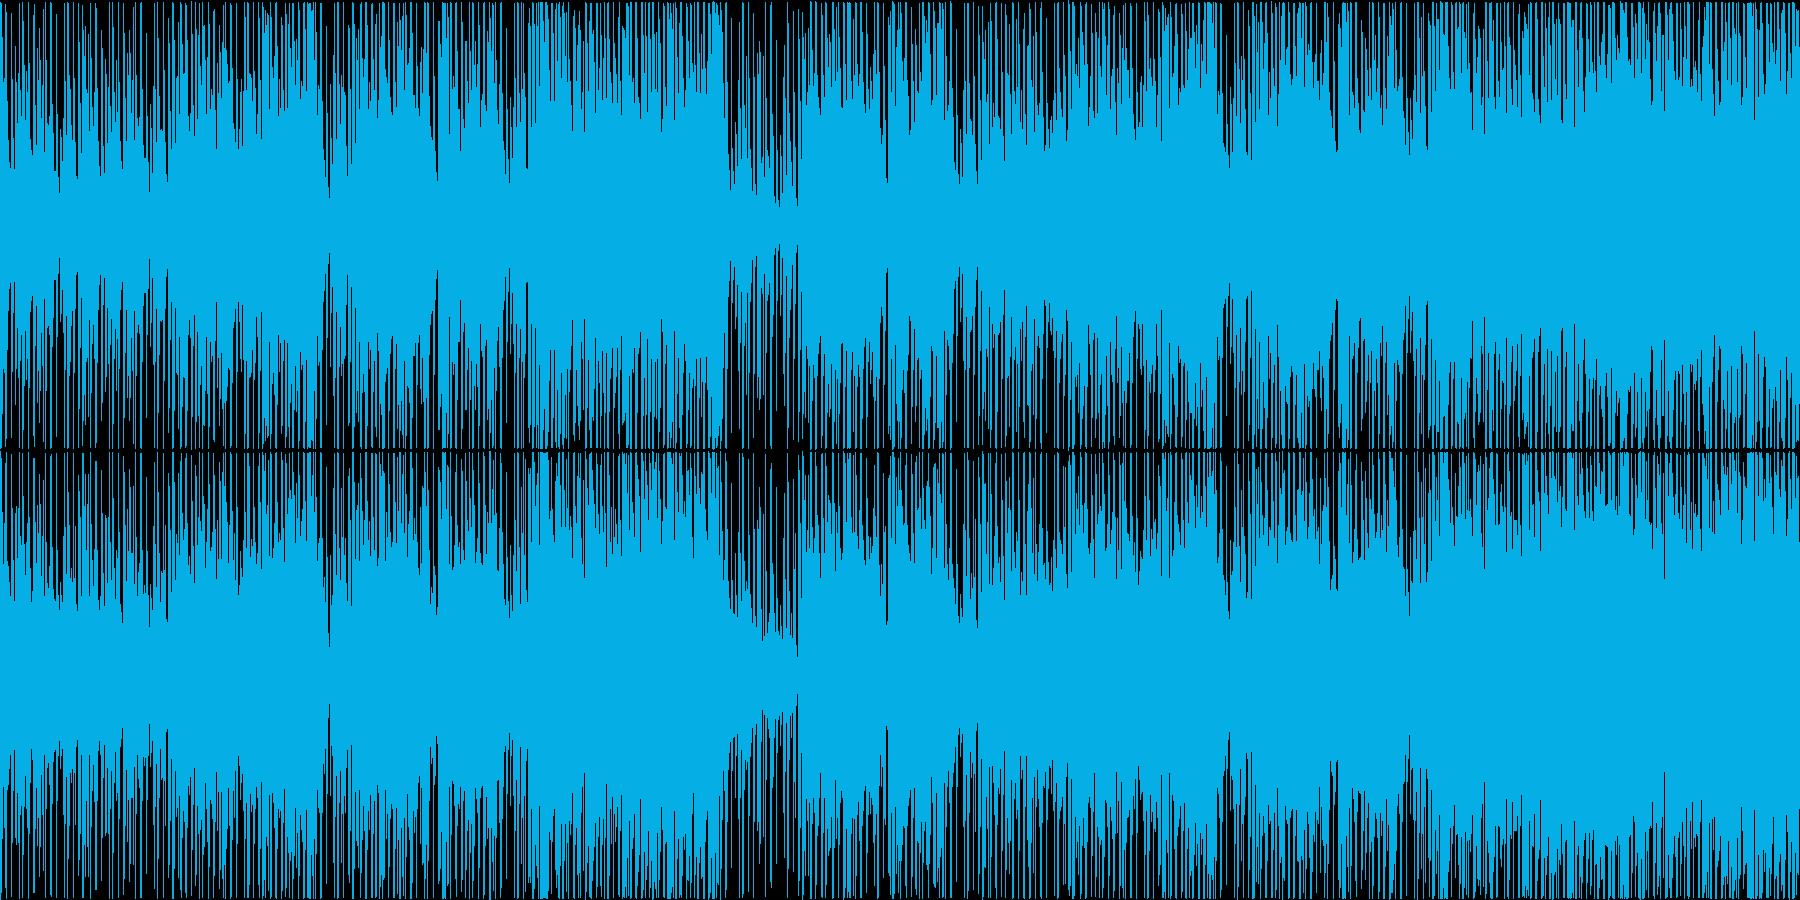 高揚感・緊迫感のある和風・バトル・ループの再生済みの波形